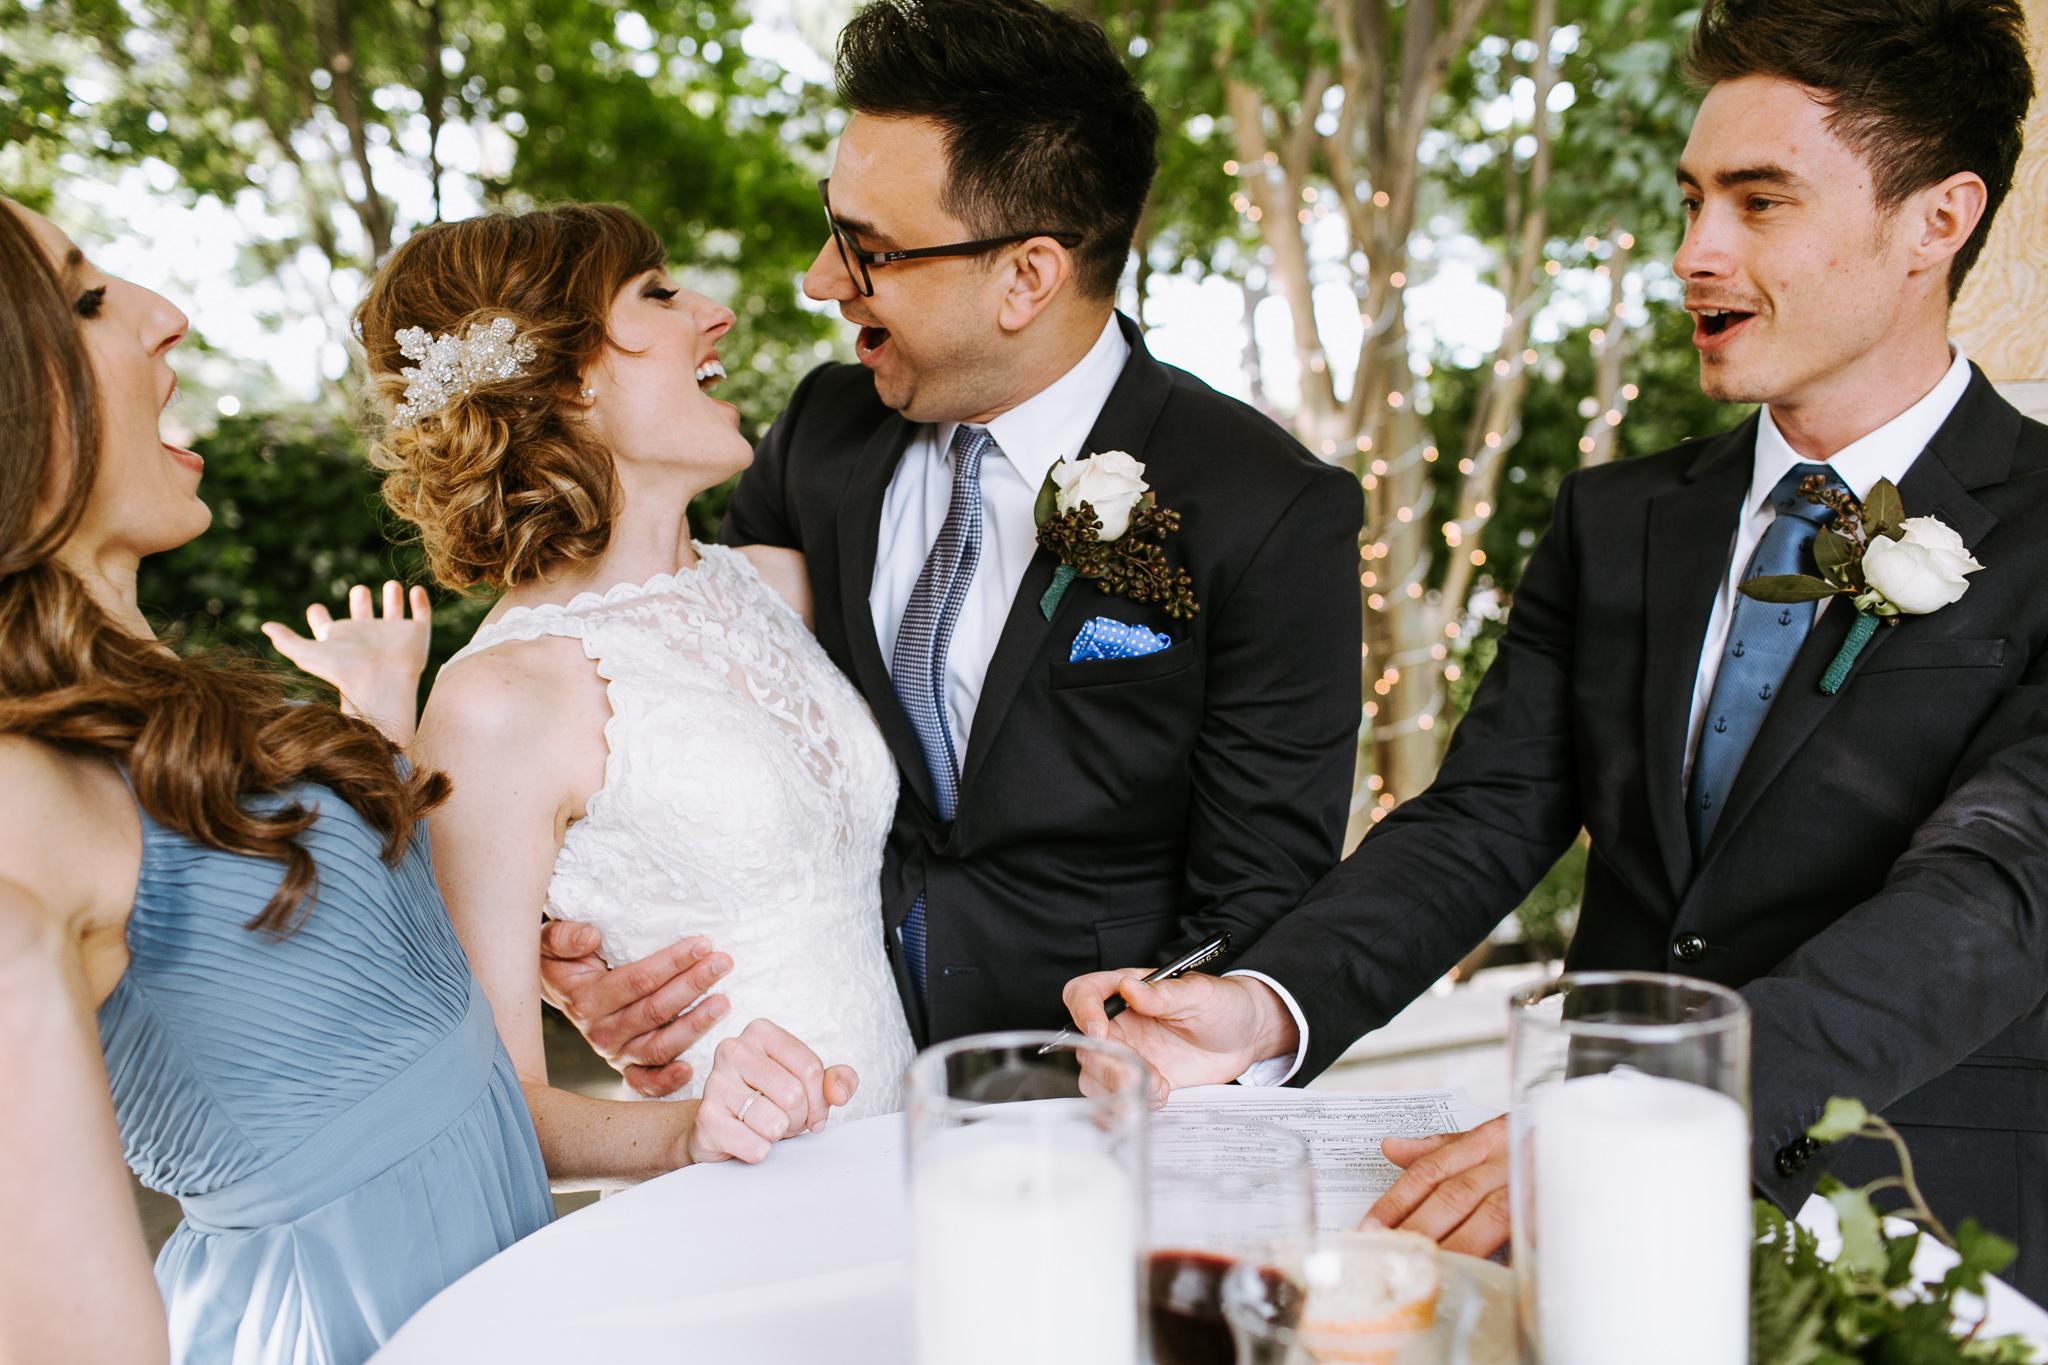 BayArea-Wedding-Photographer-50.jpg